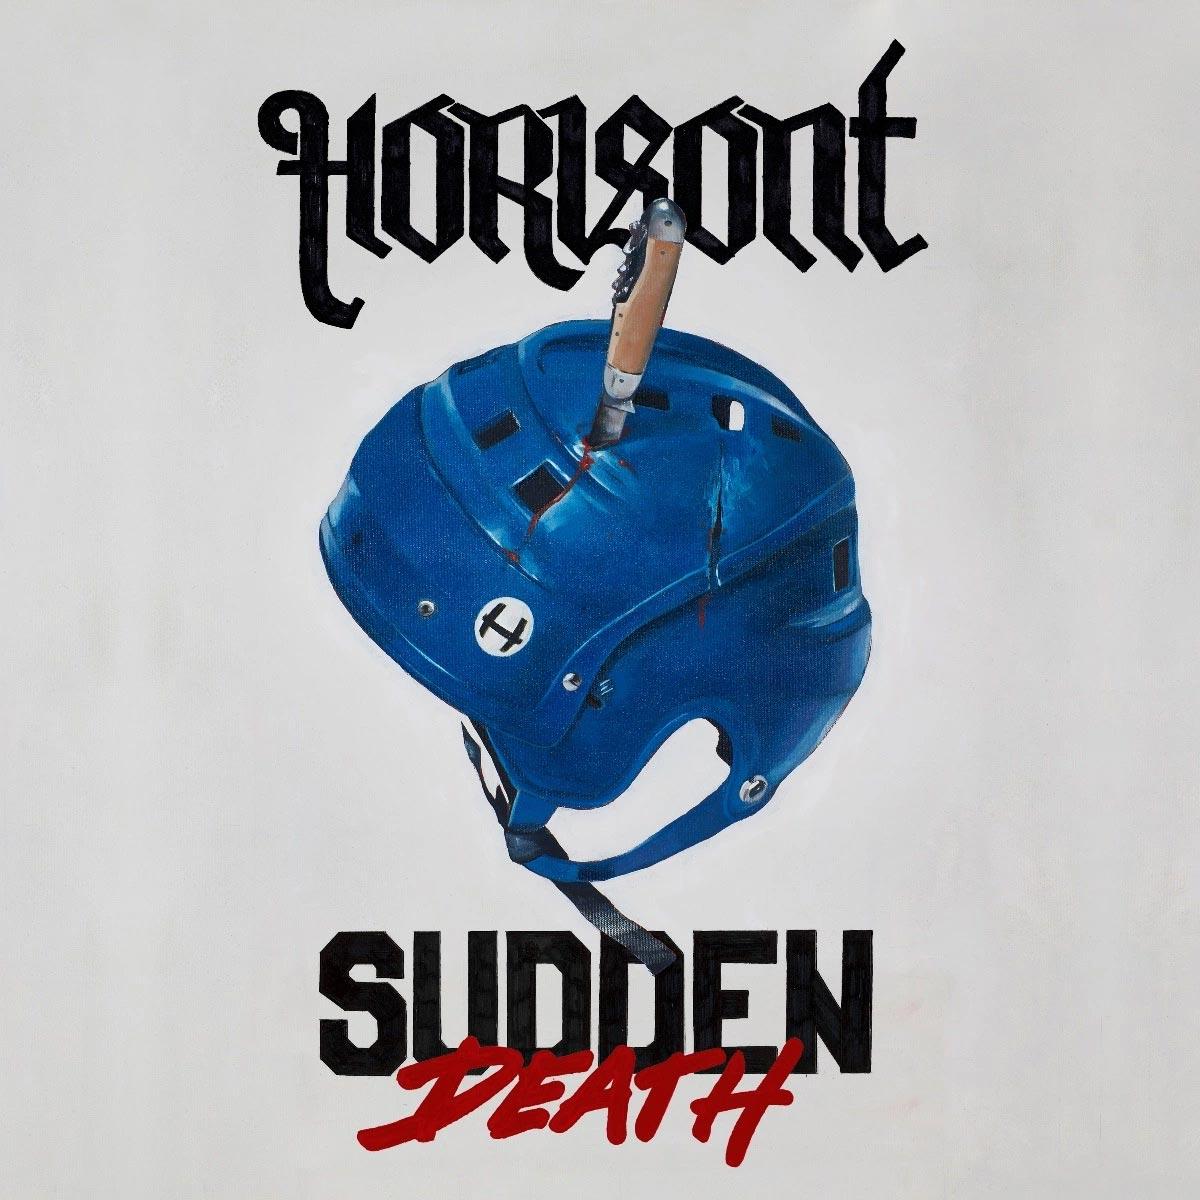 ¿Qué estáis escuchando ahora? - Página 16 Horisont-sudden-death